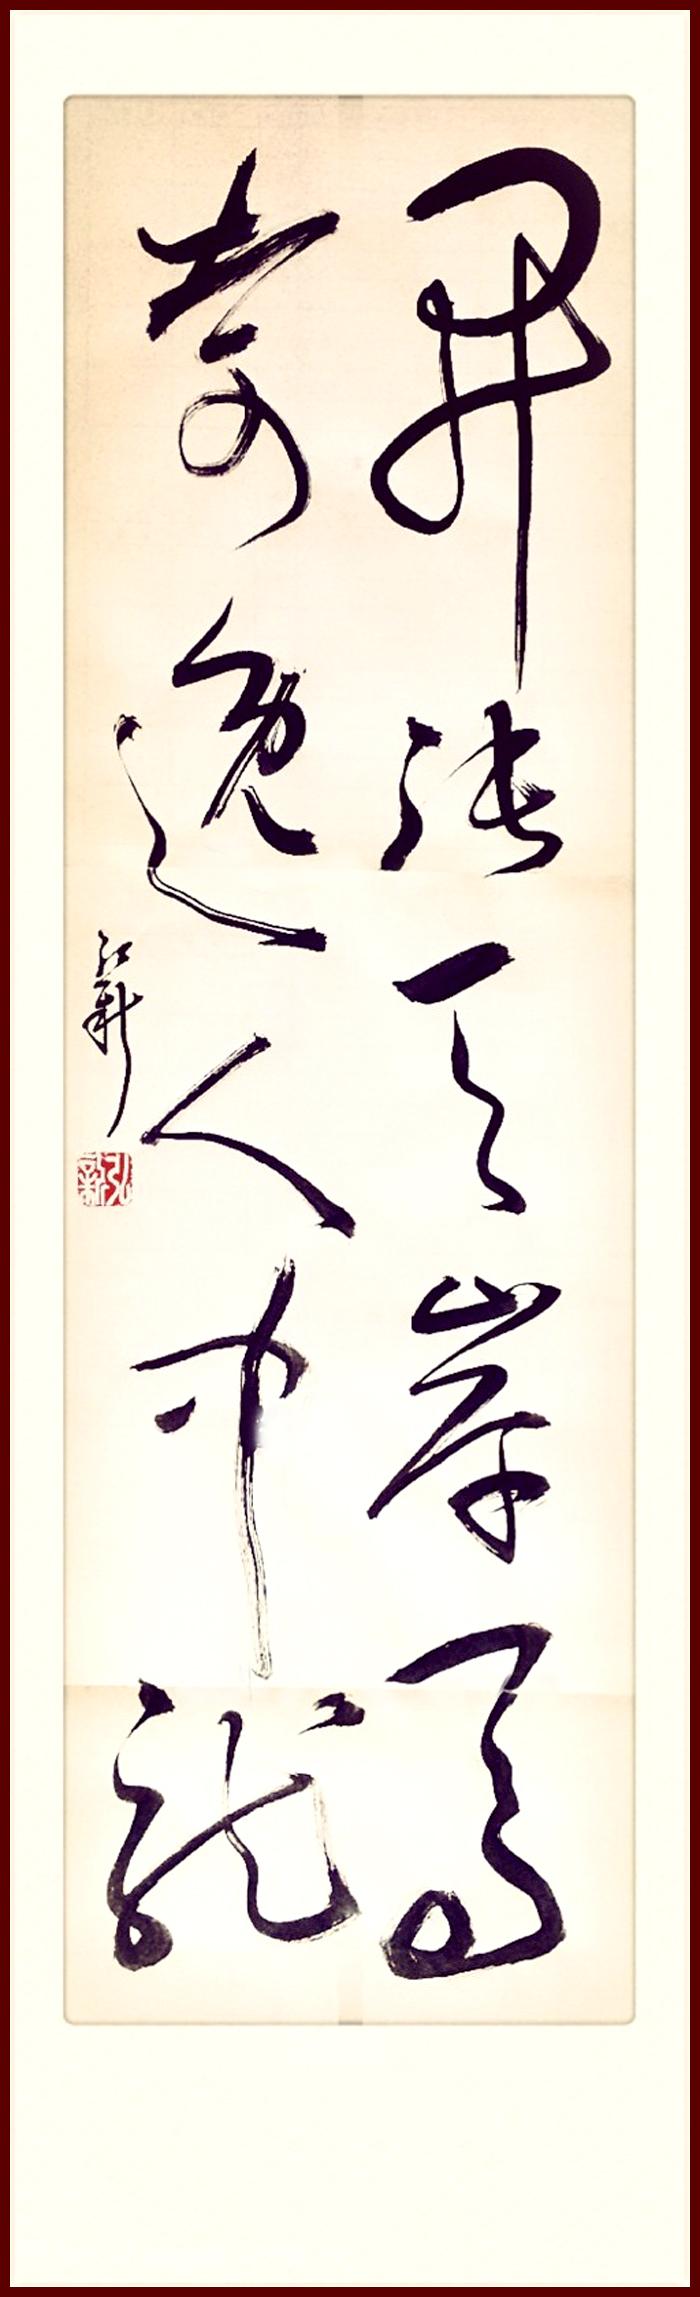 查看《弘新十月书法展》原图,原图尺寸:700x2297